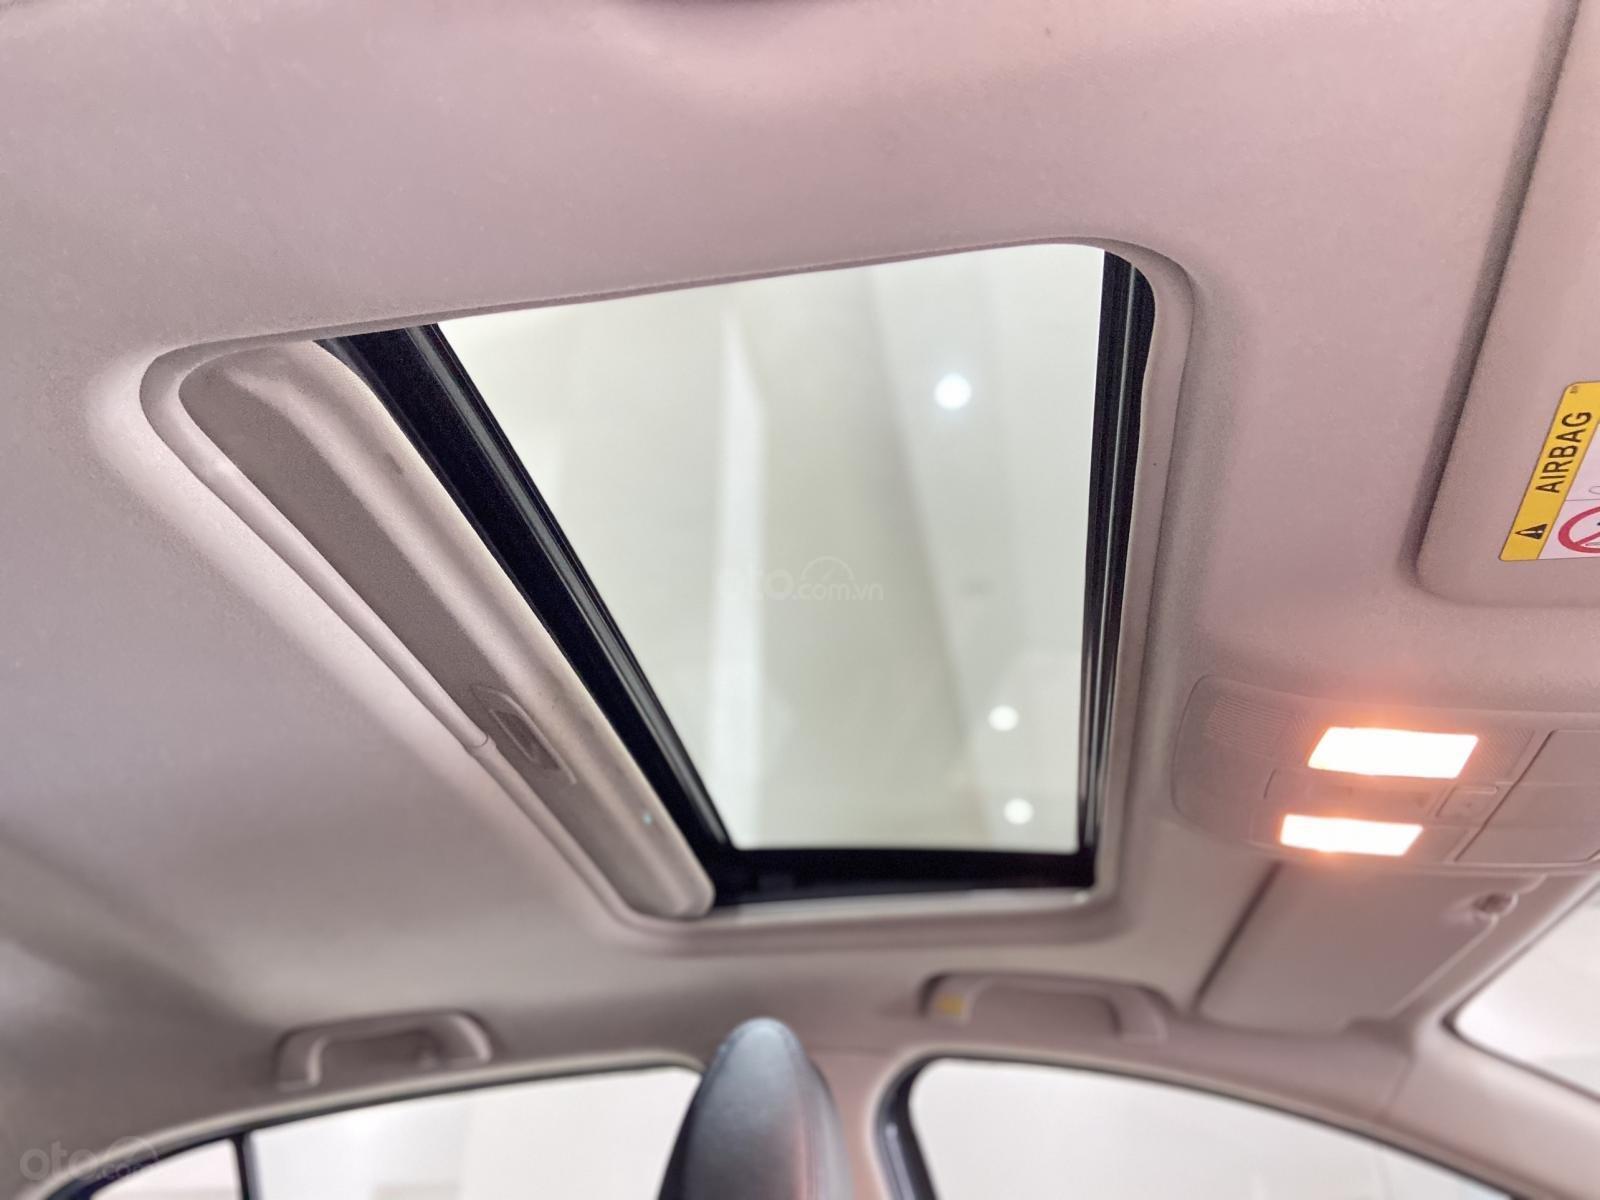 Bán xe Mazda 3 năm sản xuất 2019, xe màu xanh lam, xe gia đình mới đi 25.000 km (12)